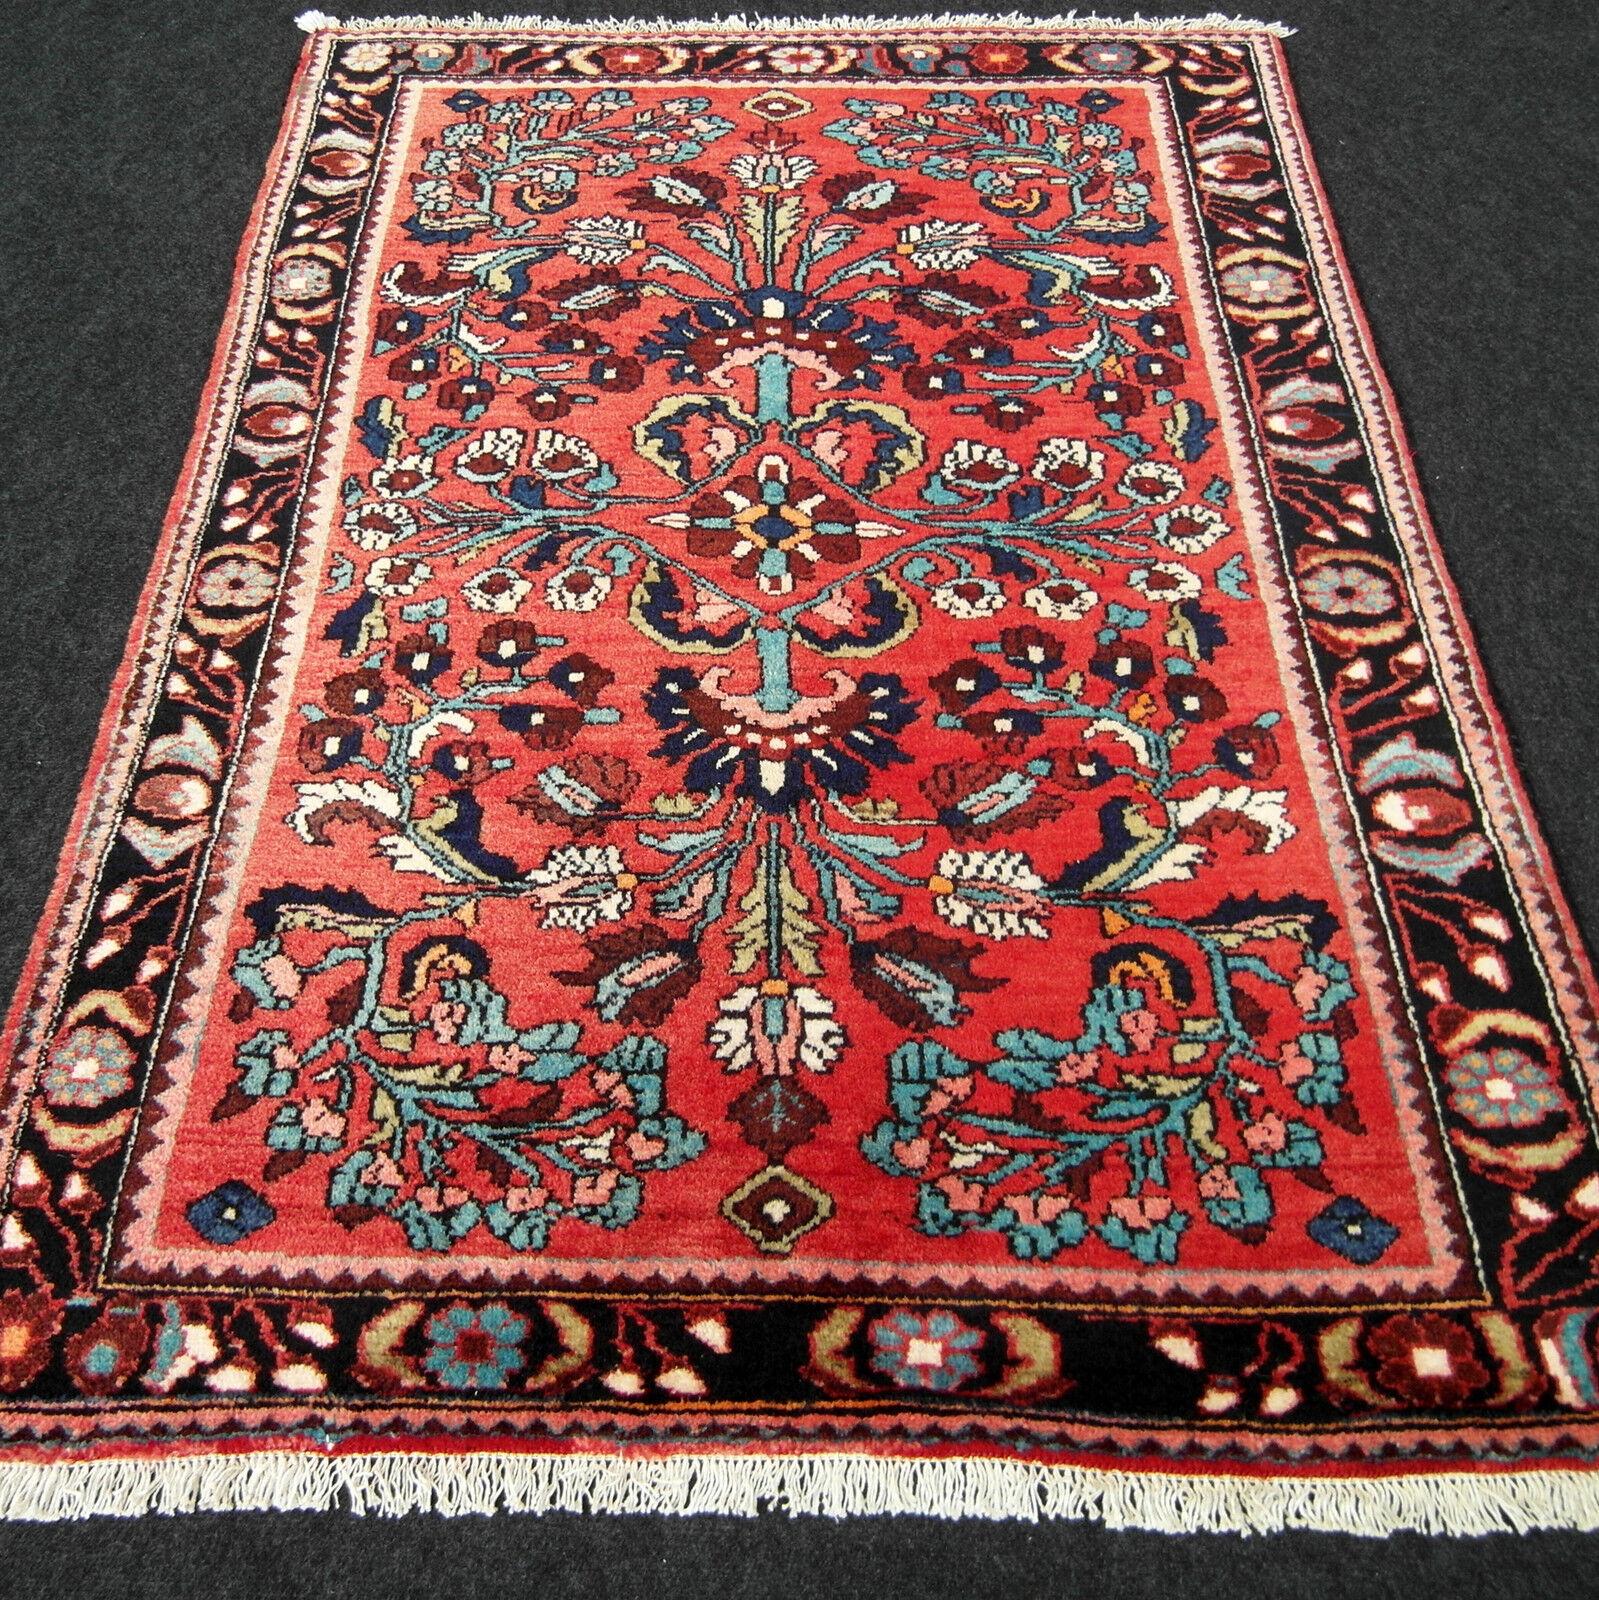 Edad Orient alfombra de 159 x 112 cm alfombra persa rojo floral rojo carpet Rug tapis